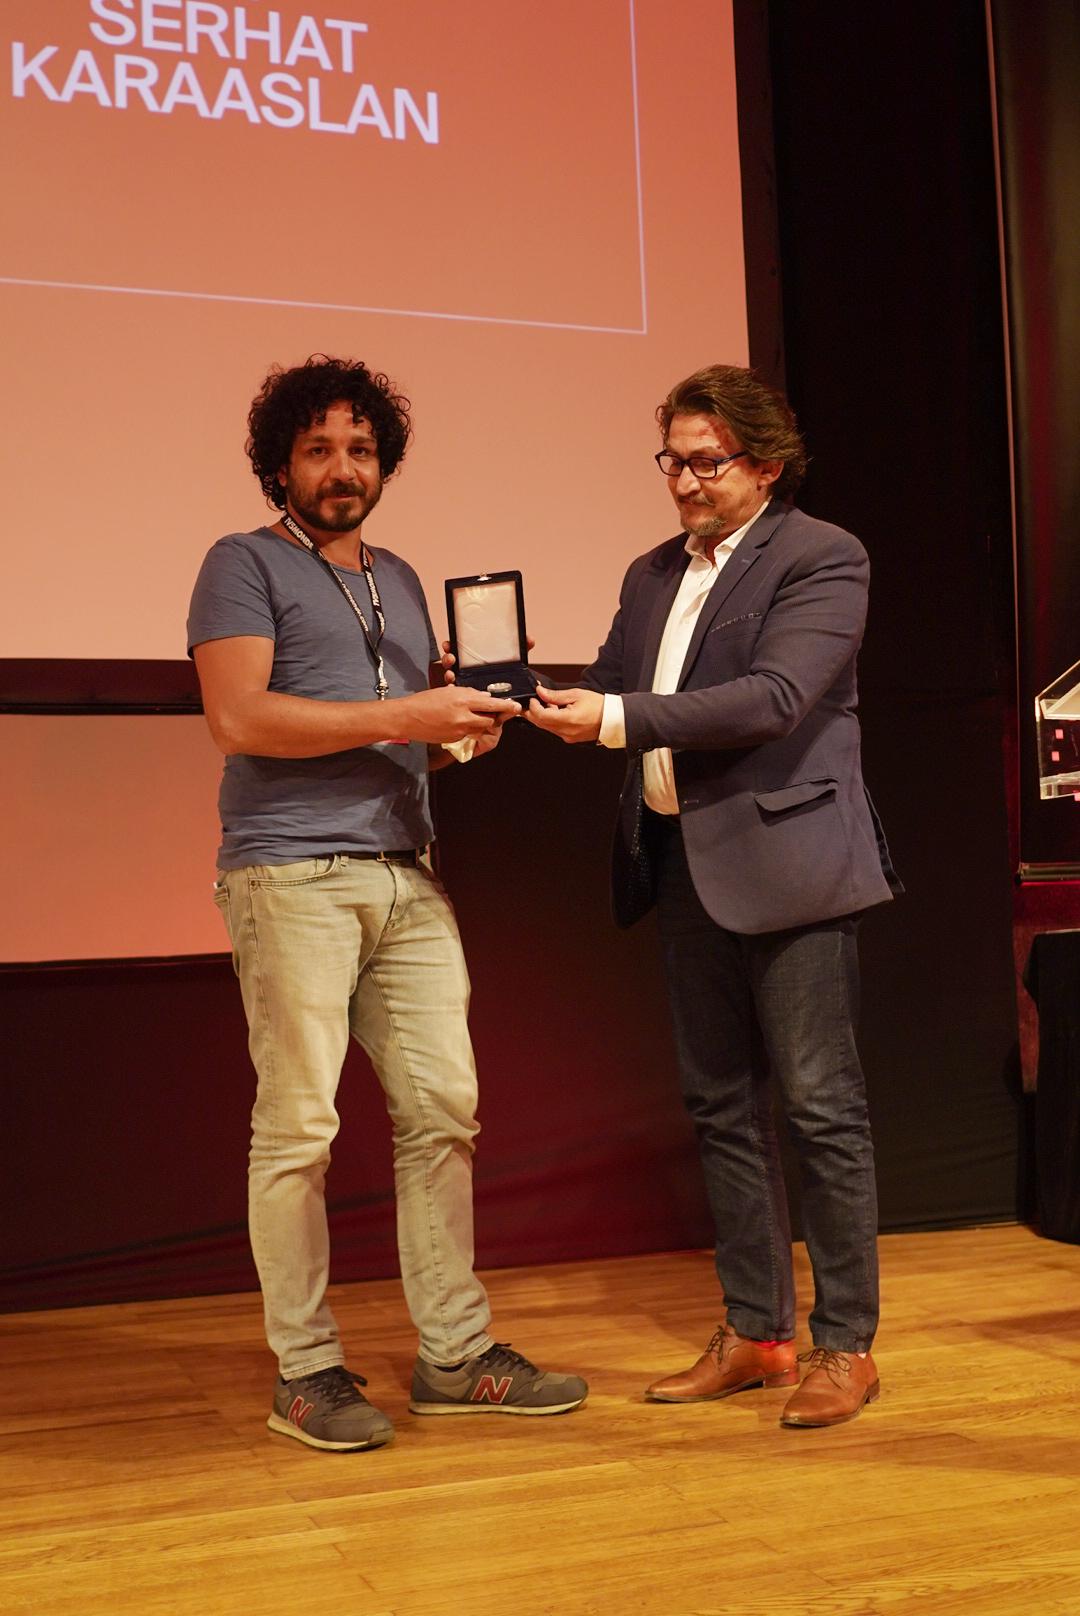 Απονεμήθηκε το βραβείο «Ανθρώπινες αξίες» στο Φεστιβάλ Ταινιών Μικρού Μήκους Δράμας